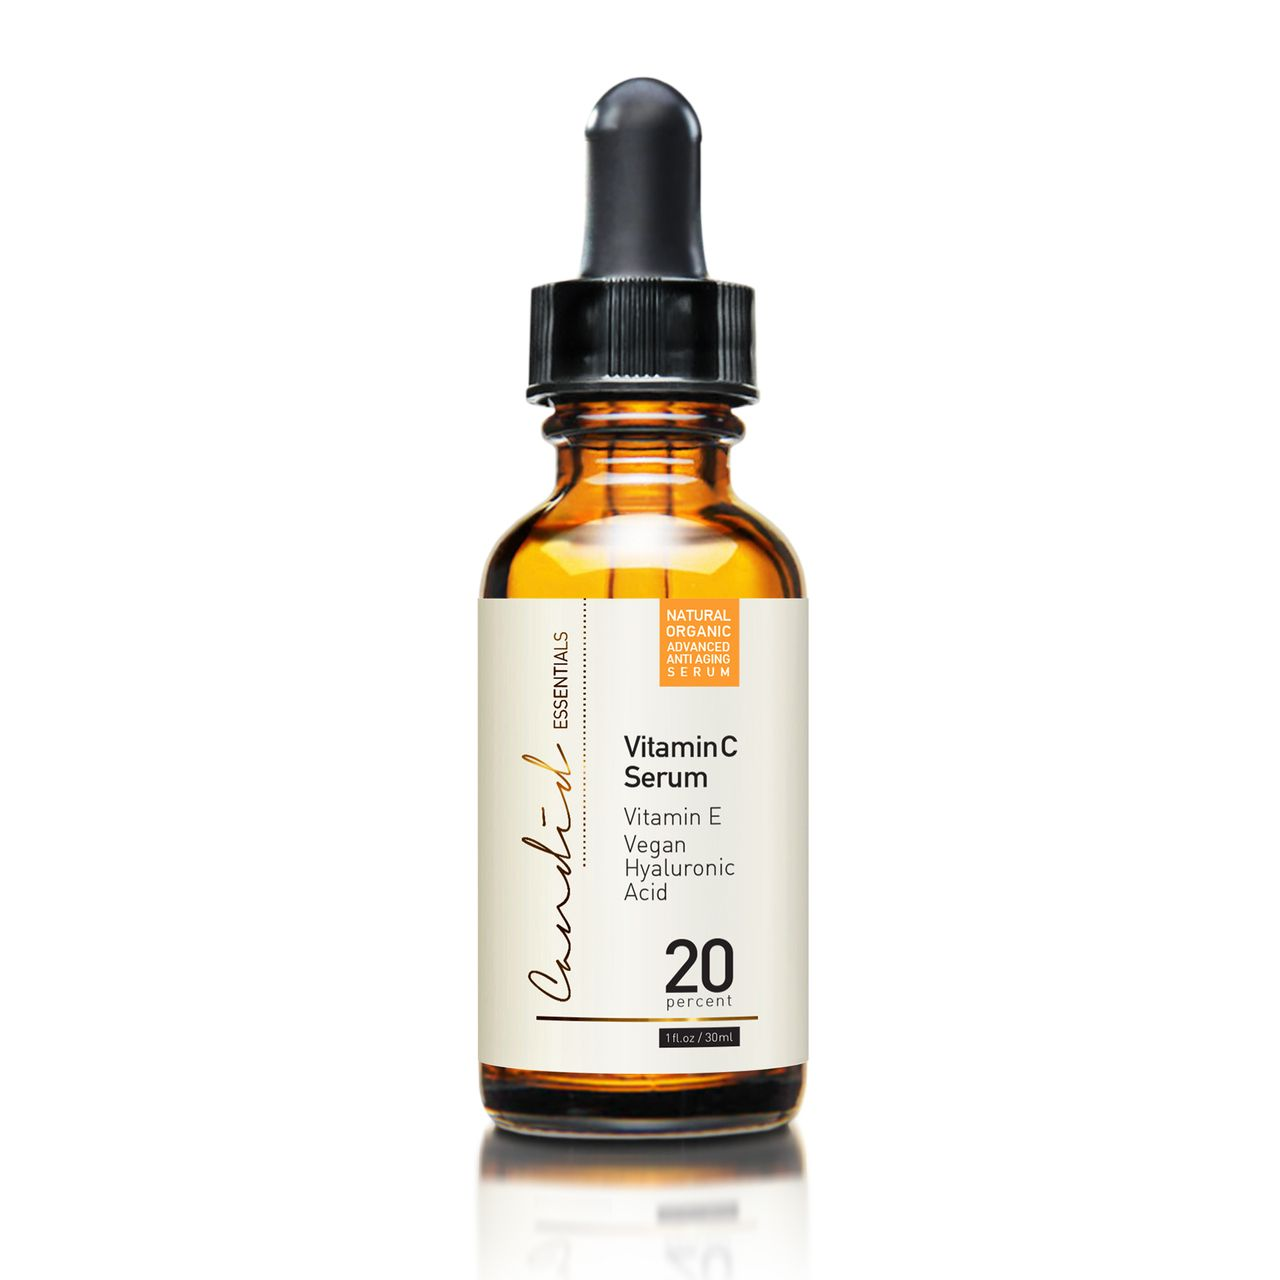 Photo of 20% Vitamin C Serum